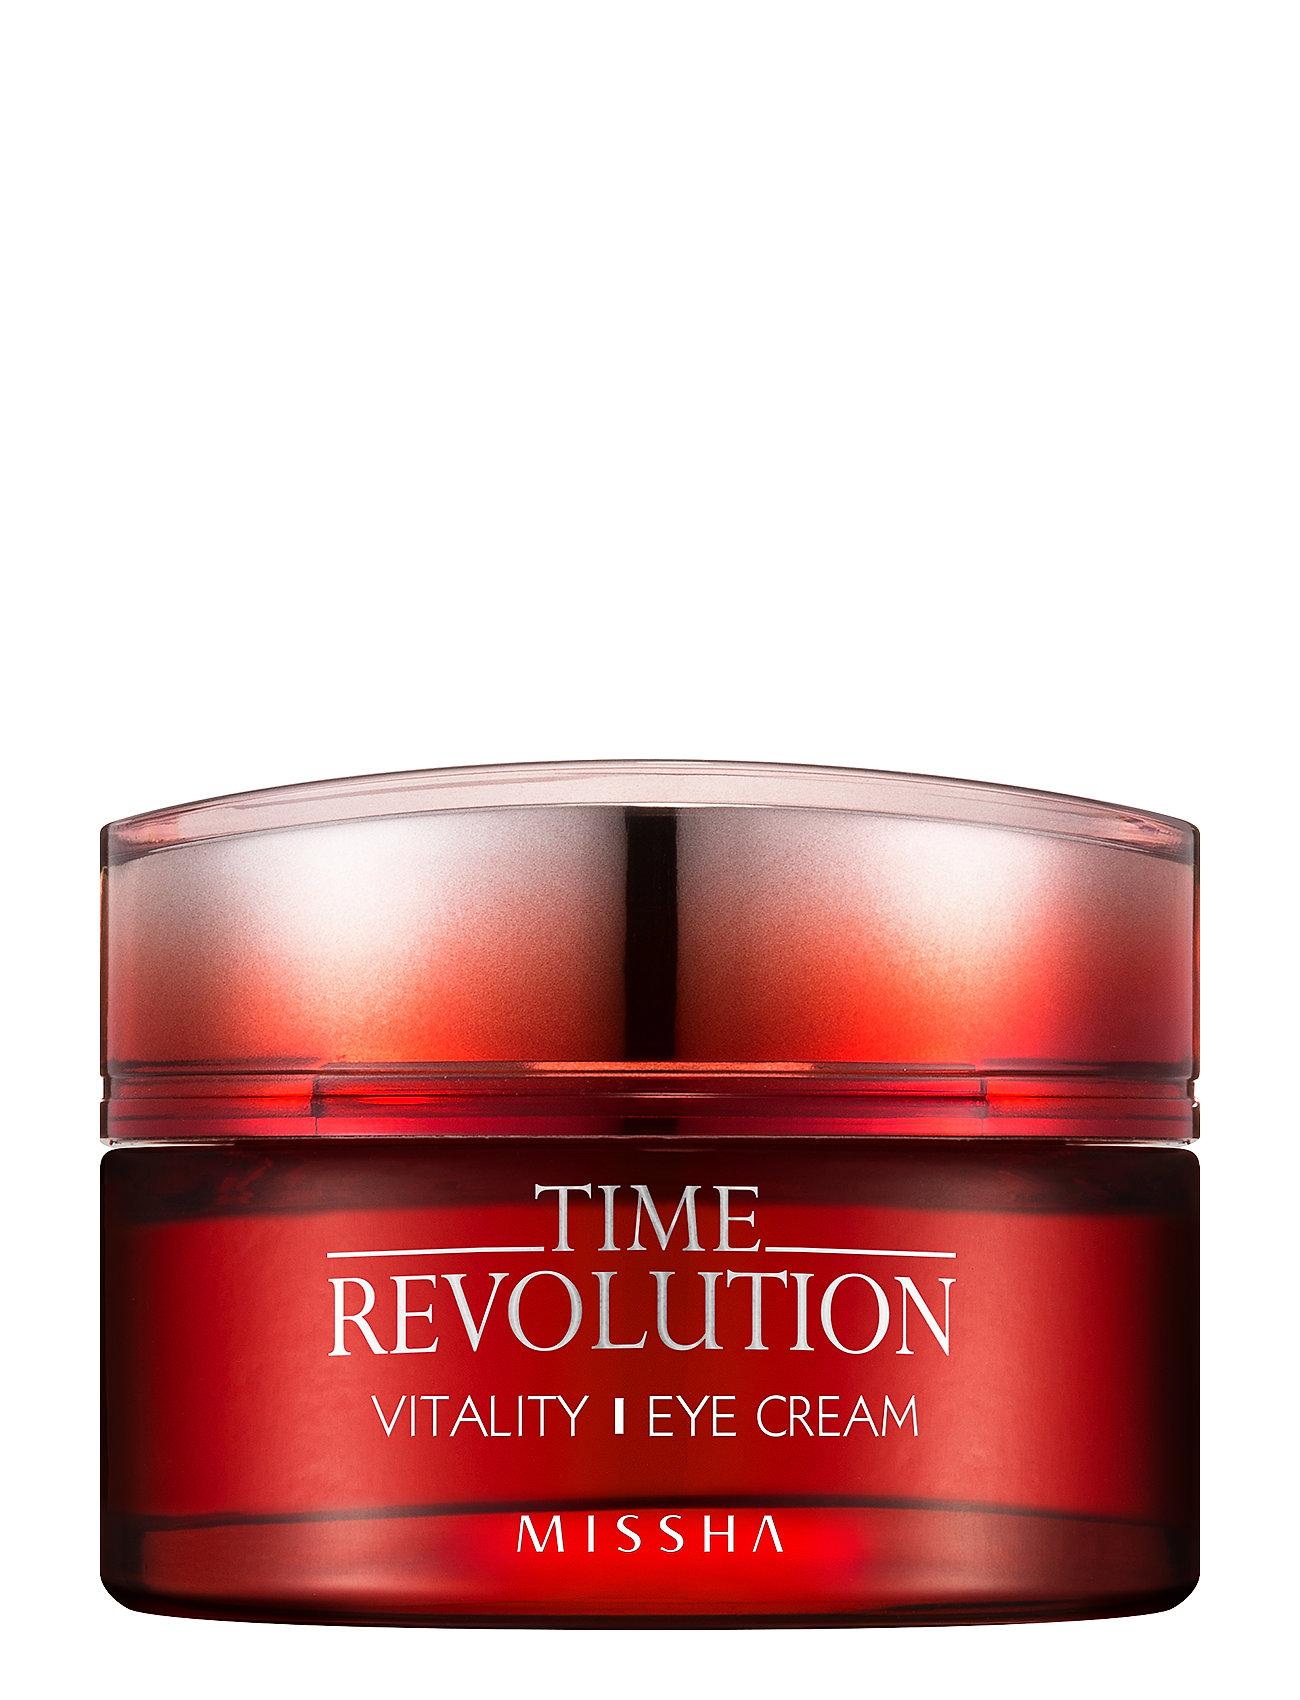 Missha Time Revolution Vitality Eye Cream - Missha